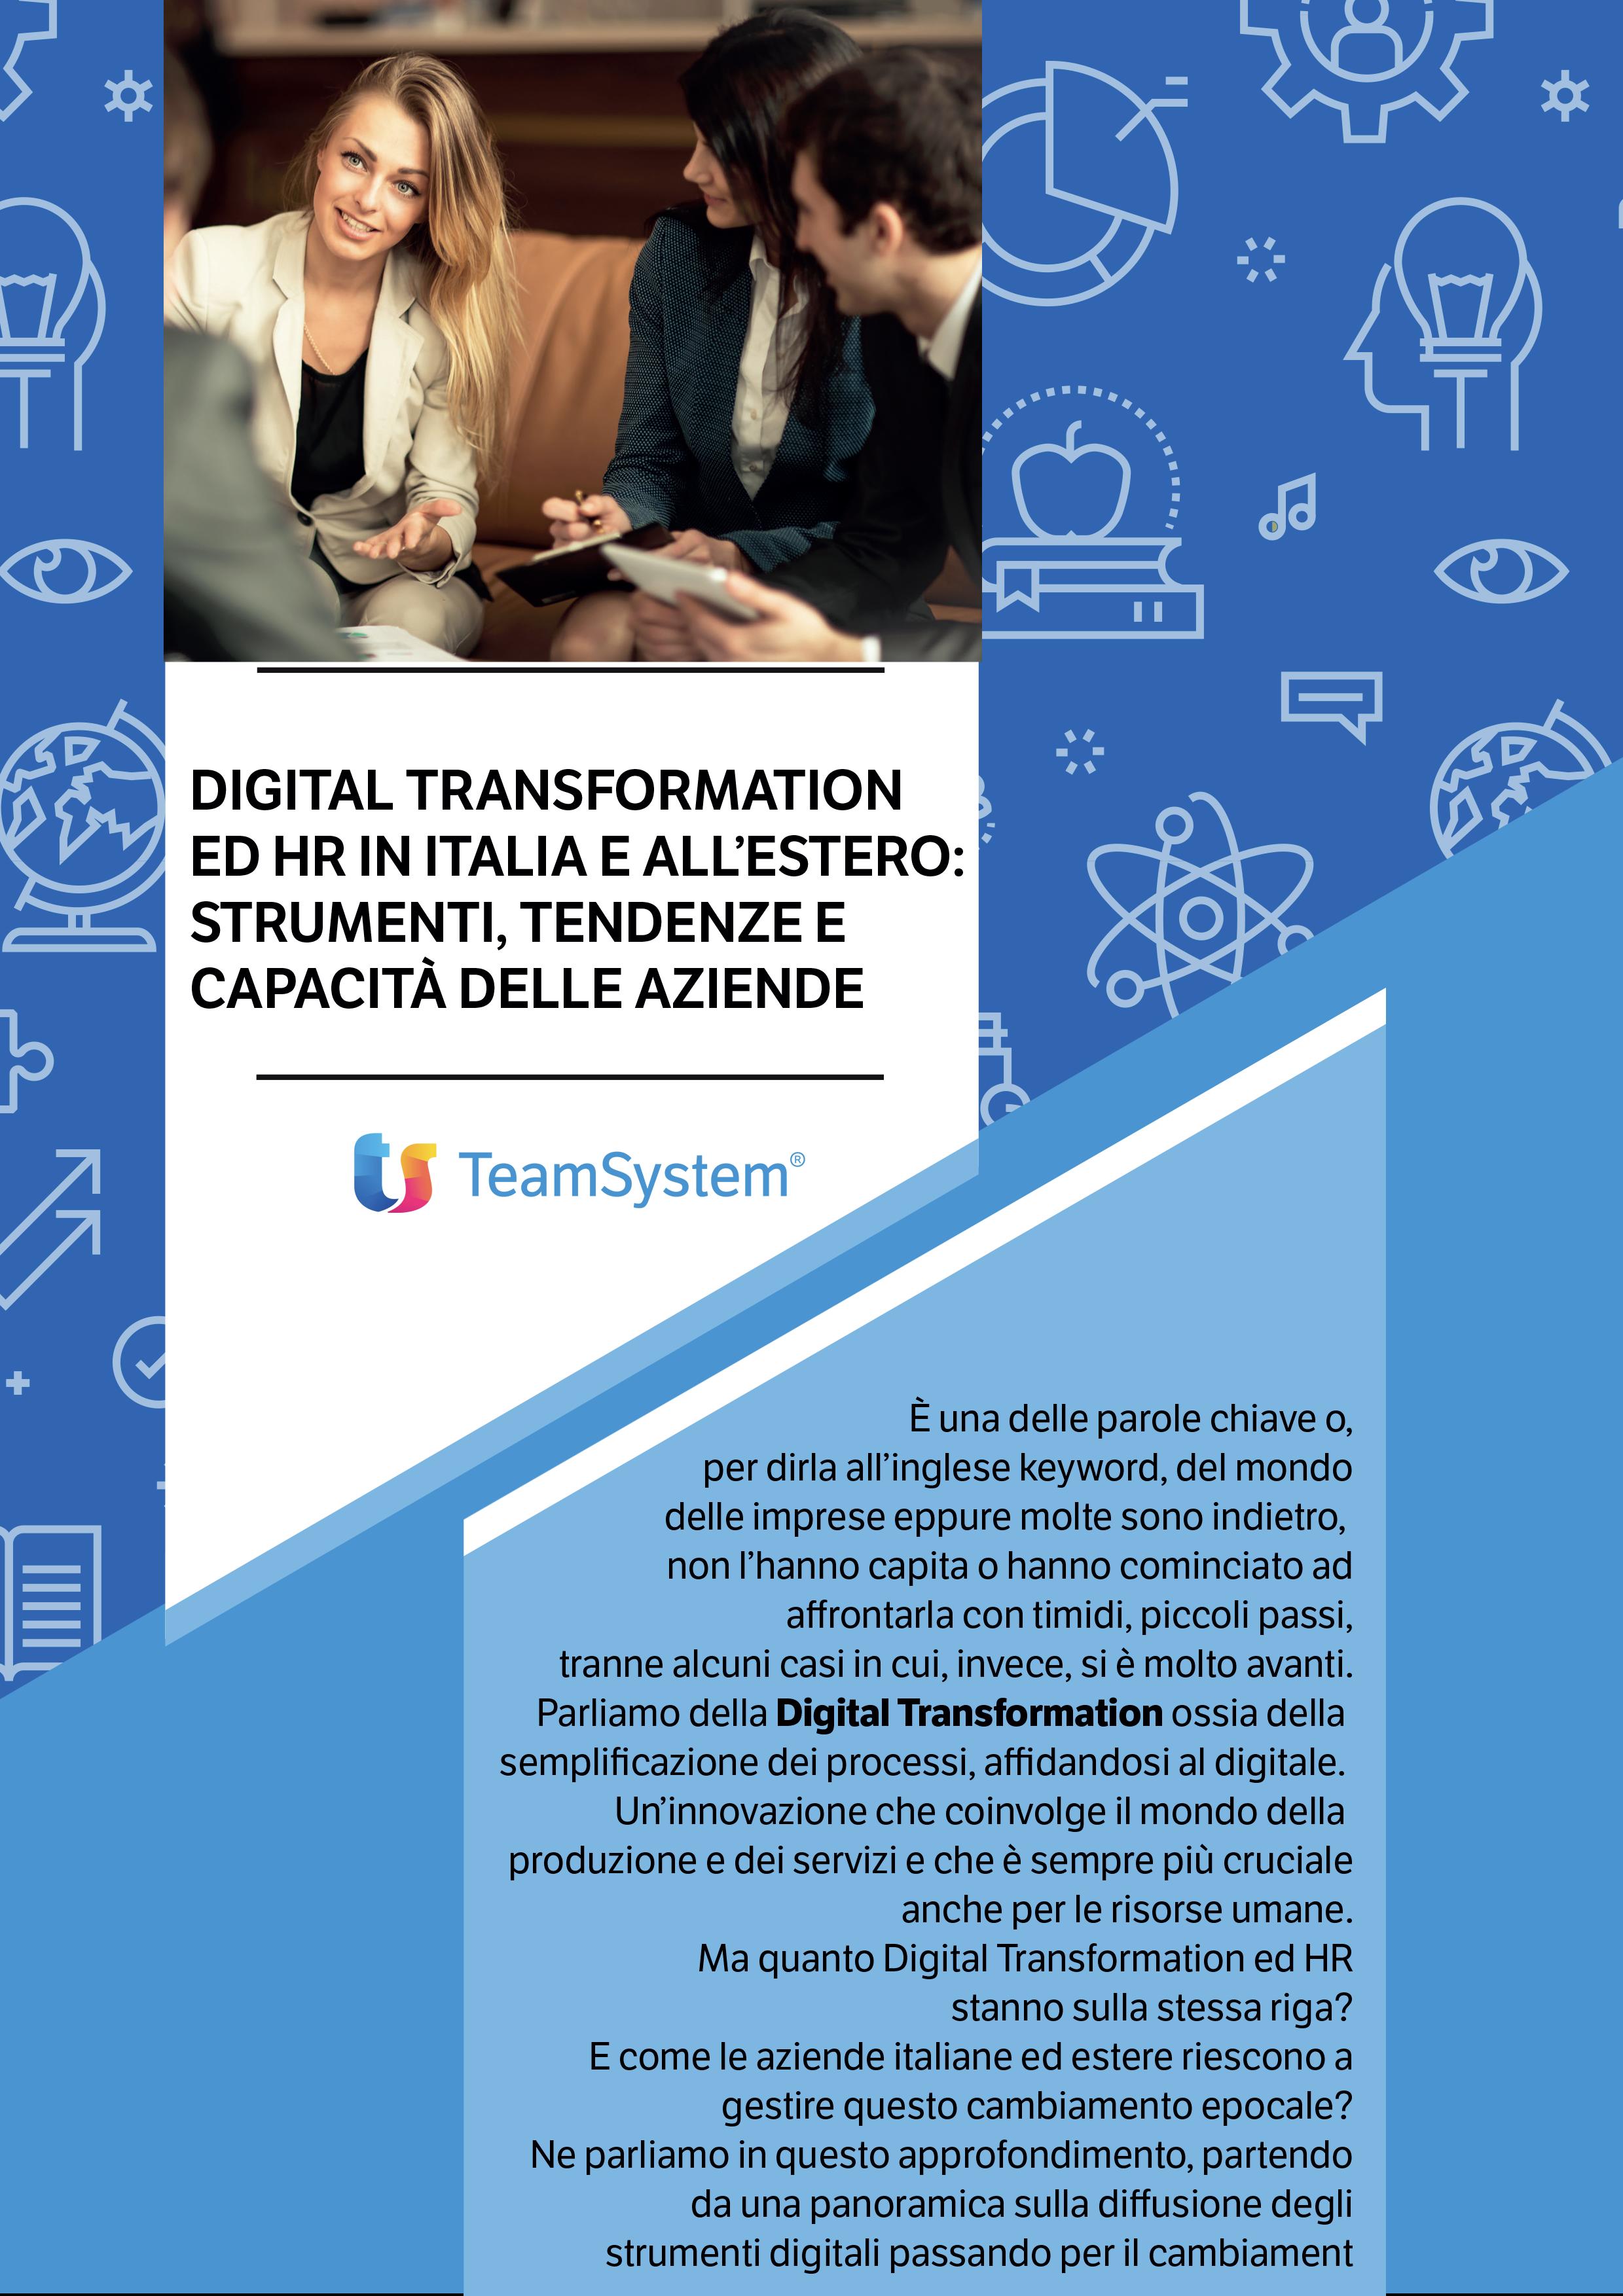 redazionale-digital-transformation-e-hr